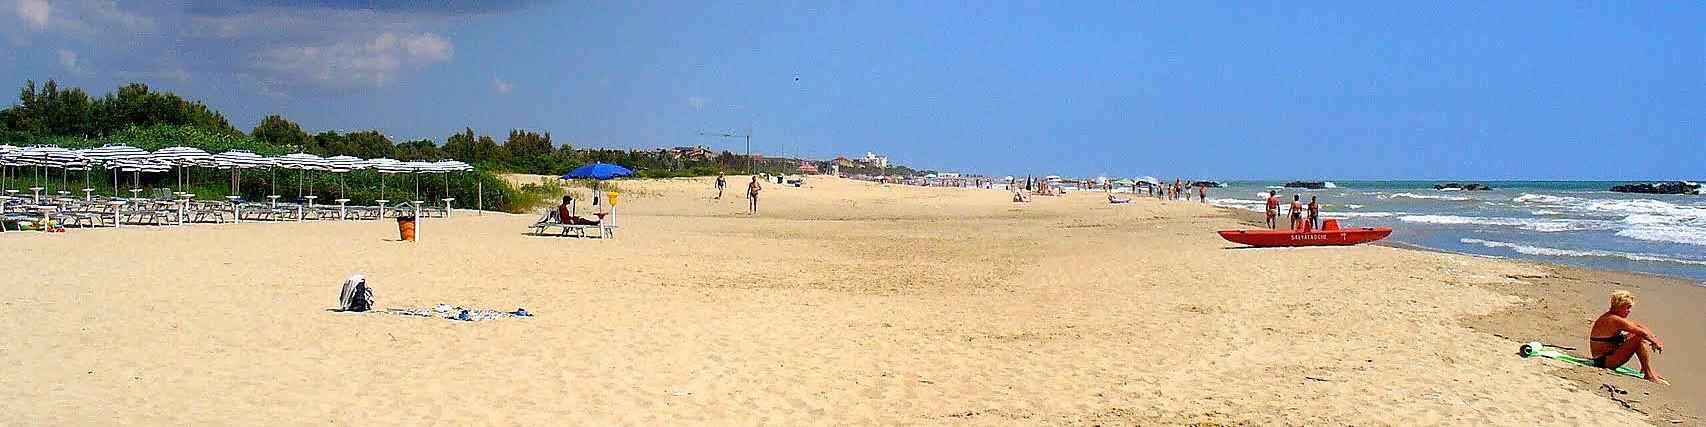 Pláž mezi centrem Martinsicuro a jeho menší částí Villa Rosa